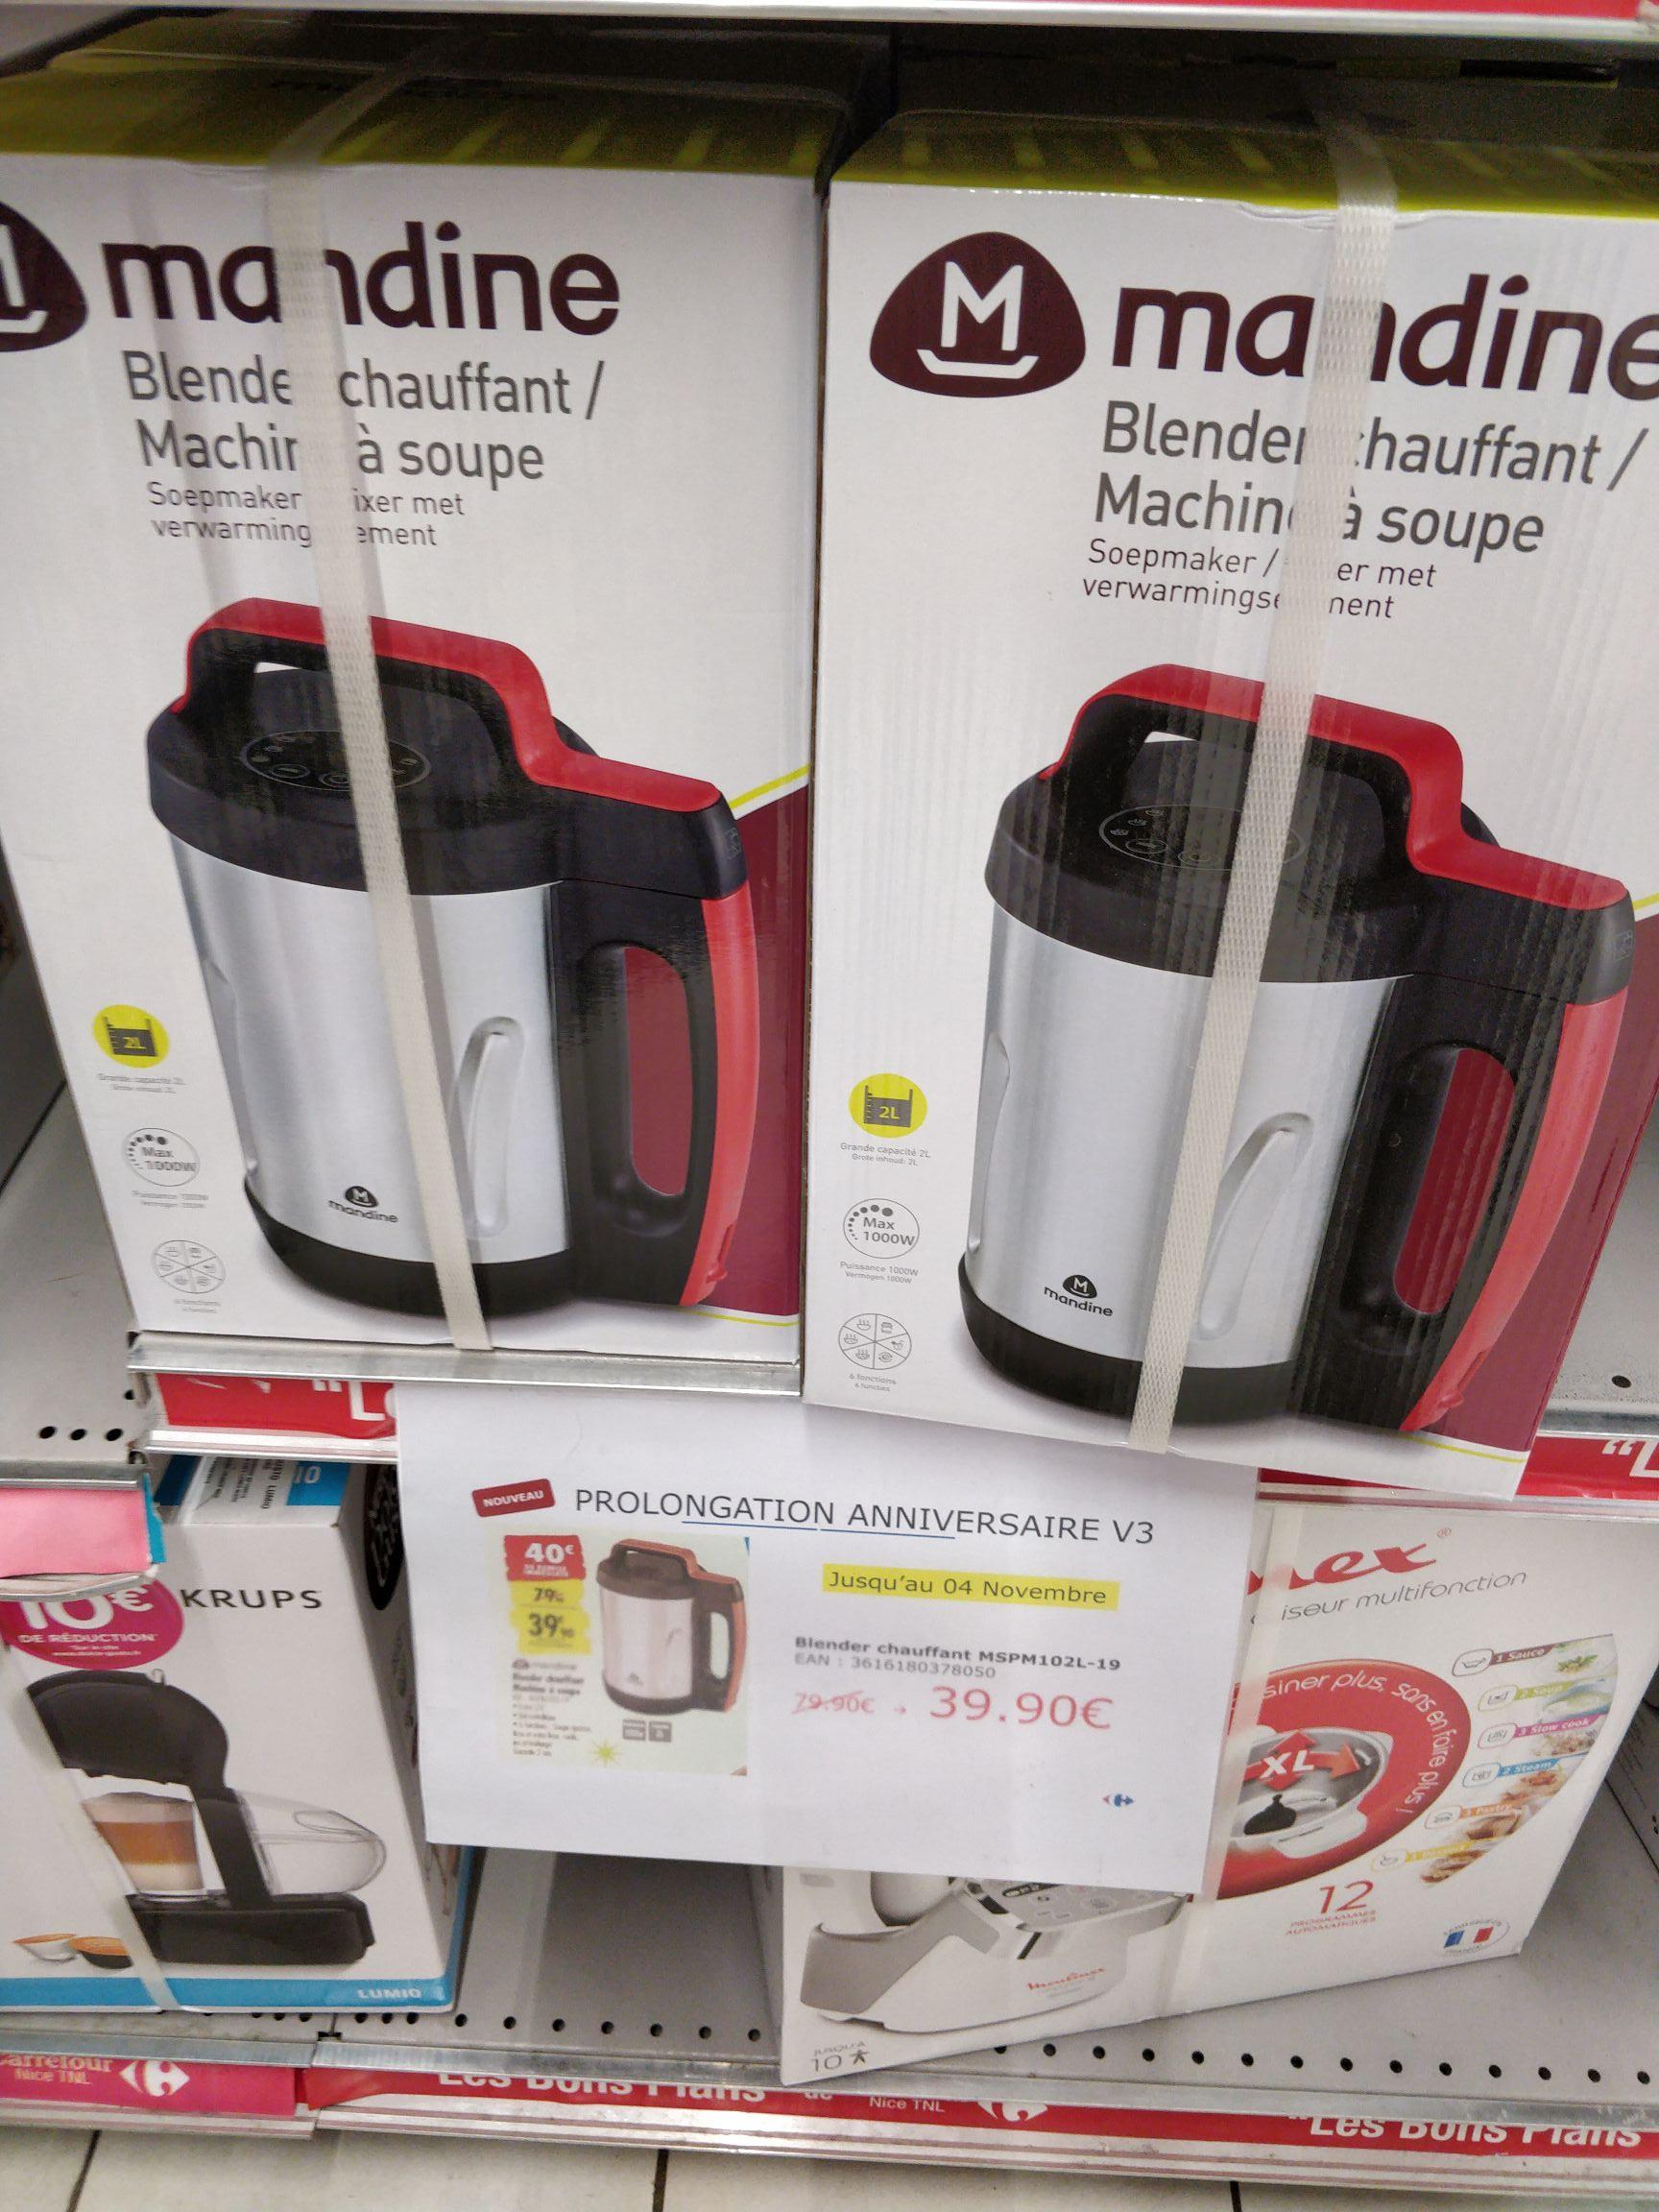 Blender chauffant / machine à soupe Mandine MSPM102L-19 - Nice (06)